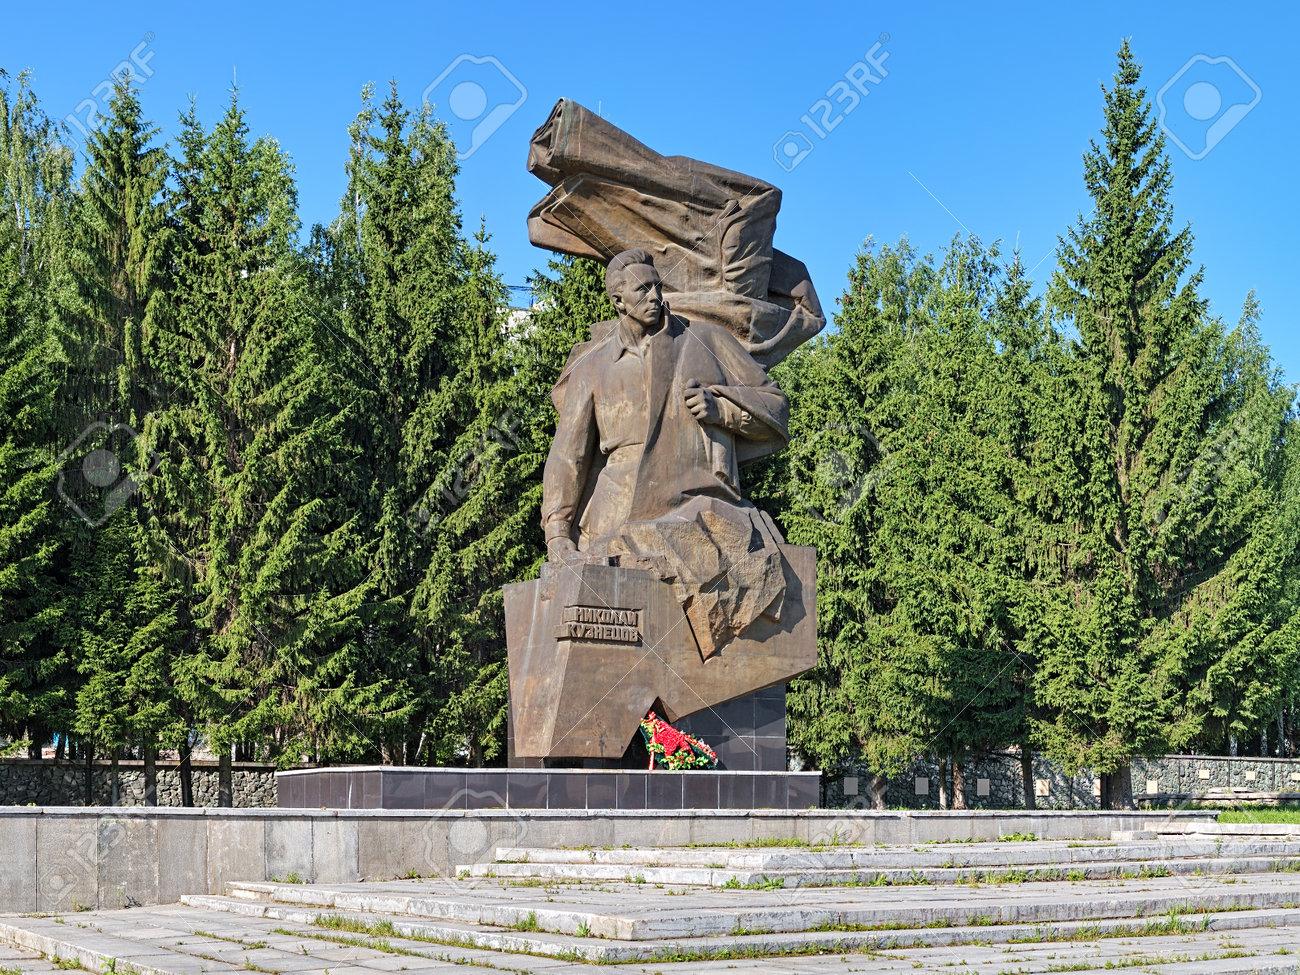 エカテリンブルク, ロシア連邦 - 2015 年 7 月 21 日: 記念碑ソビエト ...